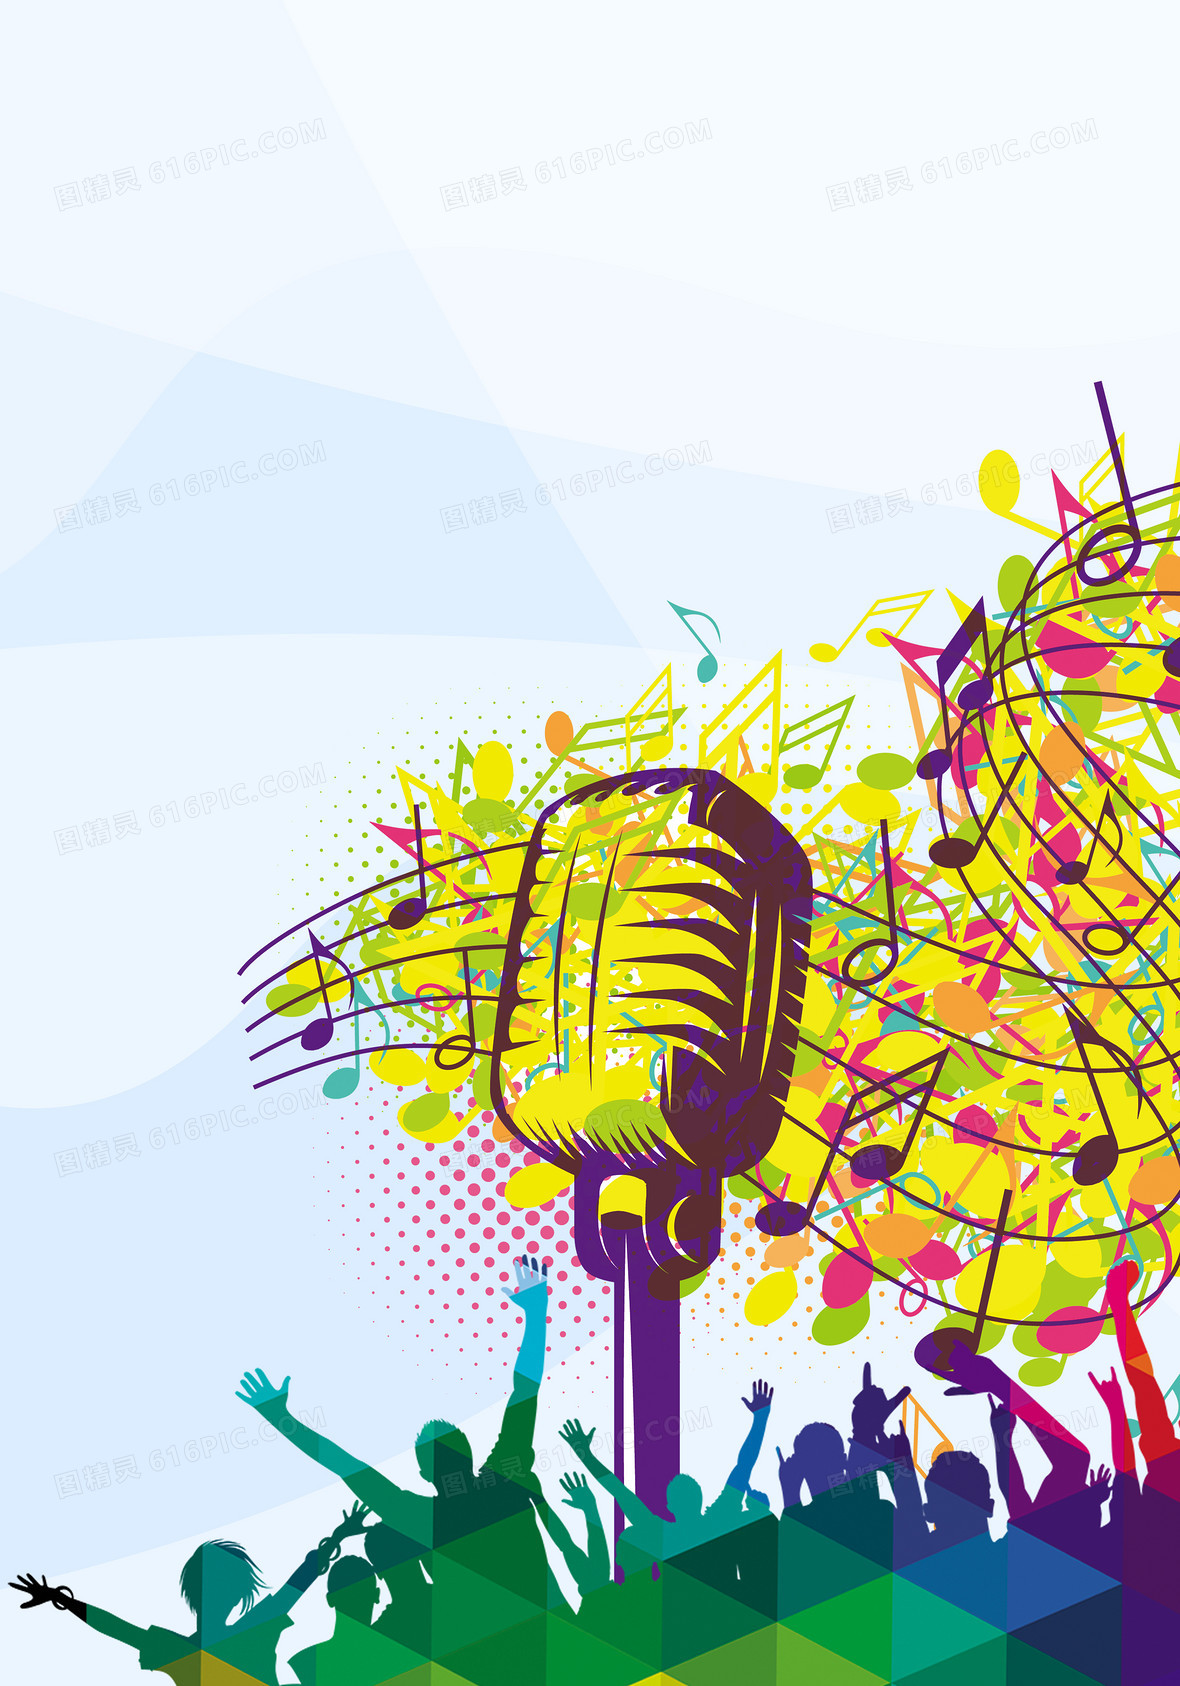 彩色手绘麦克风k歌派对海报背景素材